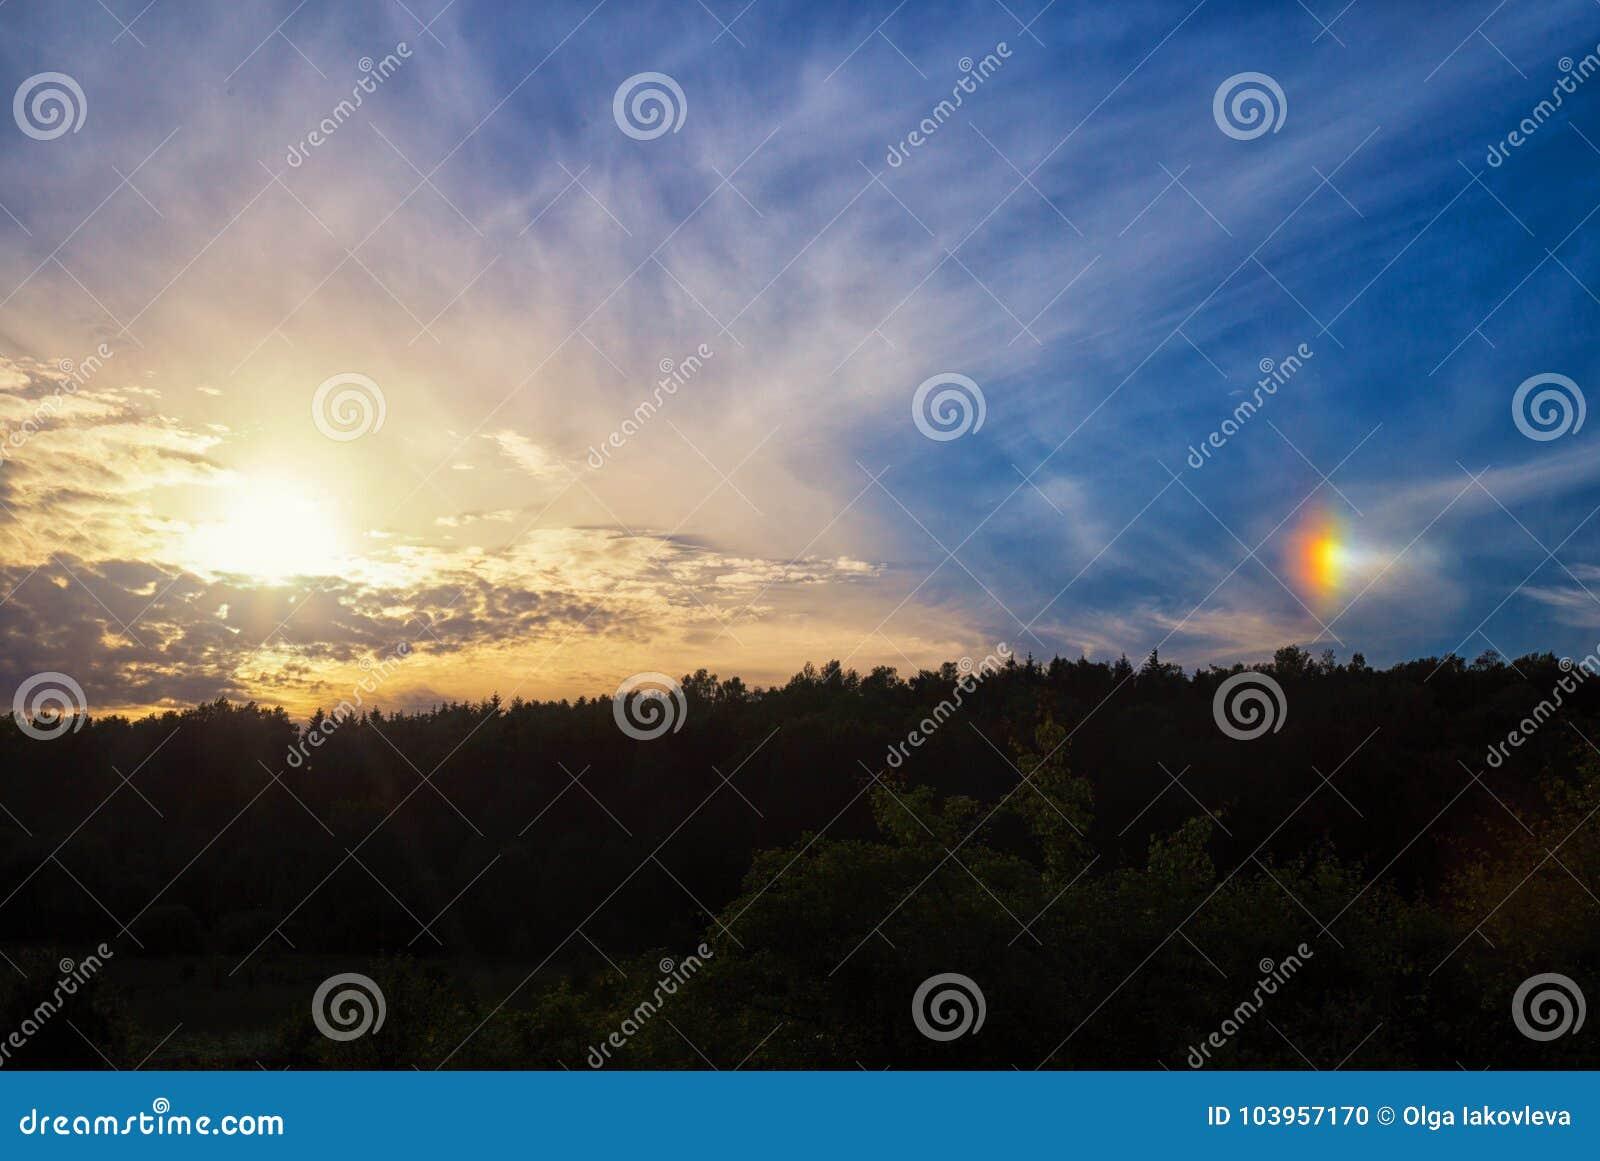 Fenomeno di un alone solare nel cielo